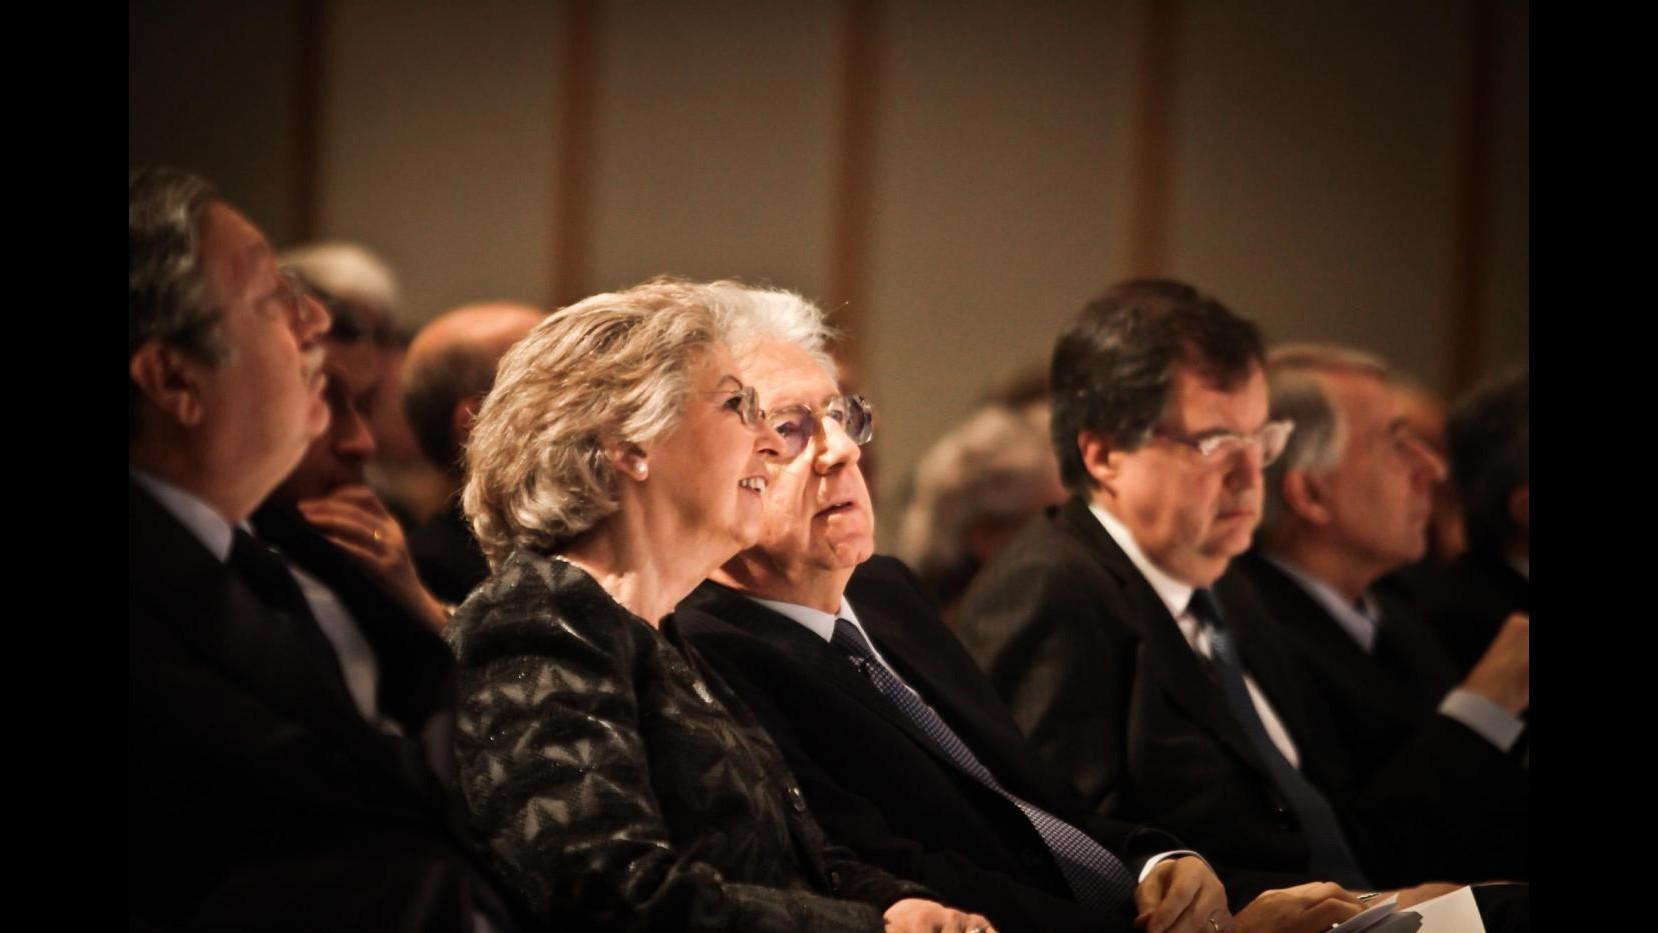 Elsa Monti a pranzo con signora Prodi, alleanze femminili a Cernobbio